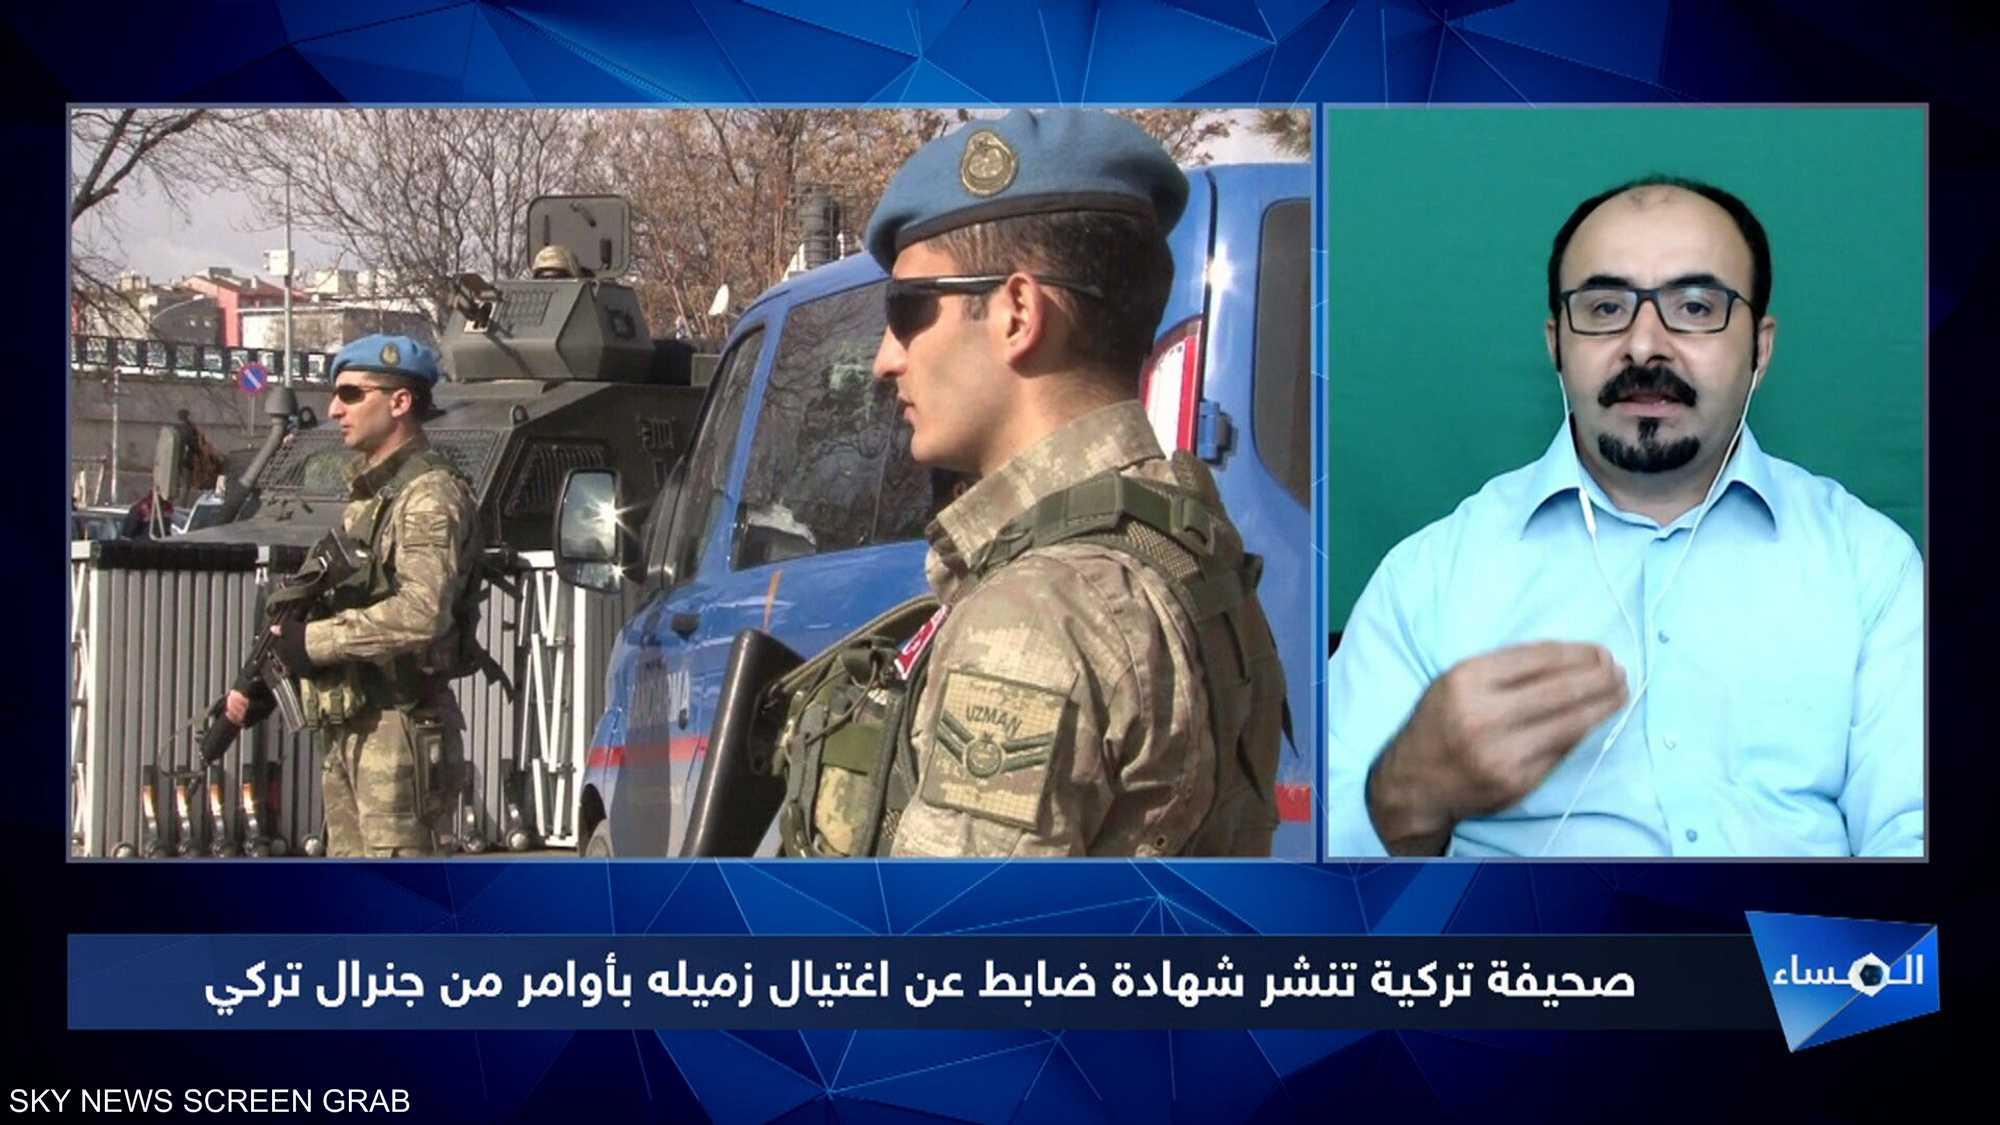 صحيفة تنشر شهادة ضابط عن اغتيال زميله بأوامر من جنرال تركي